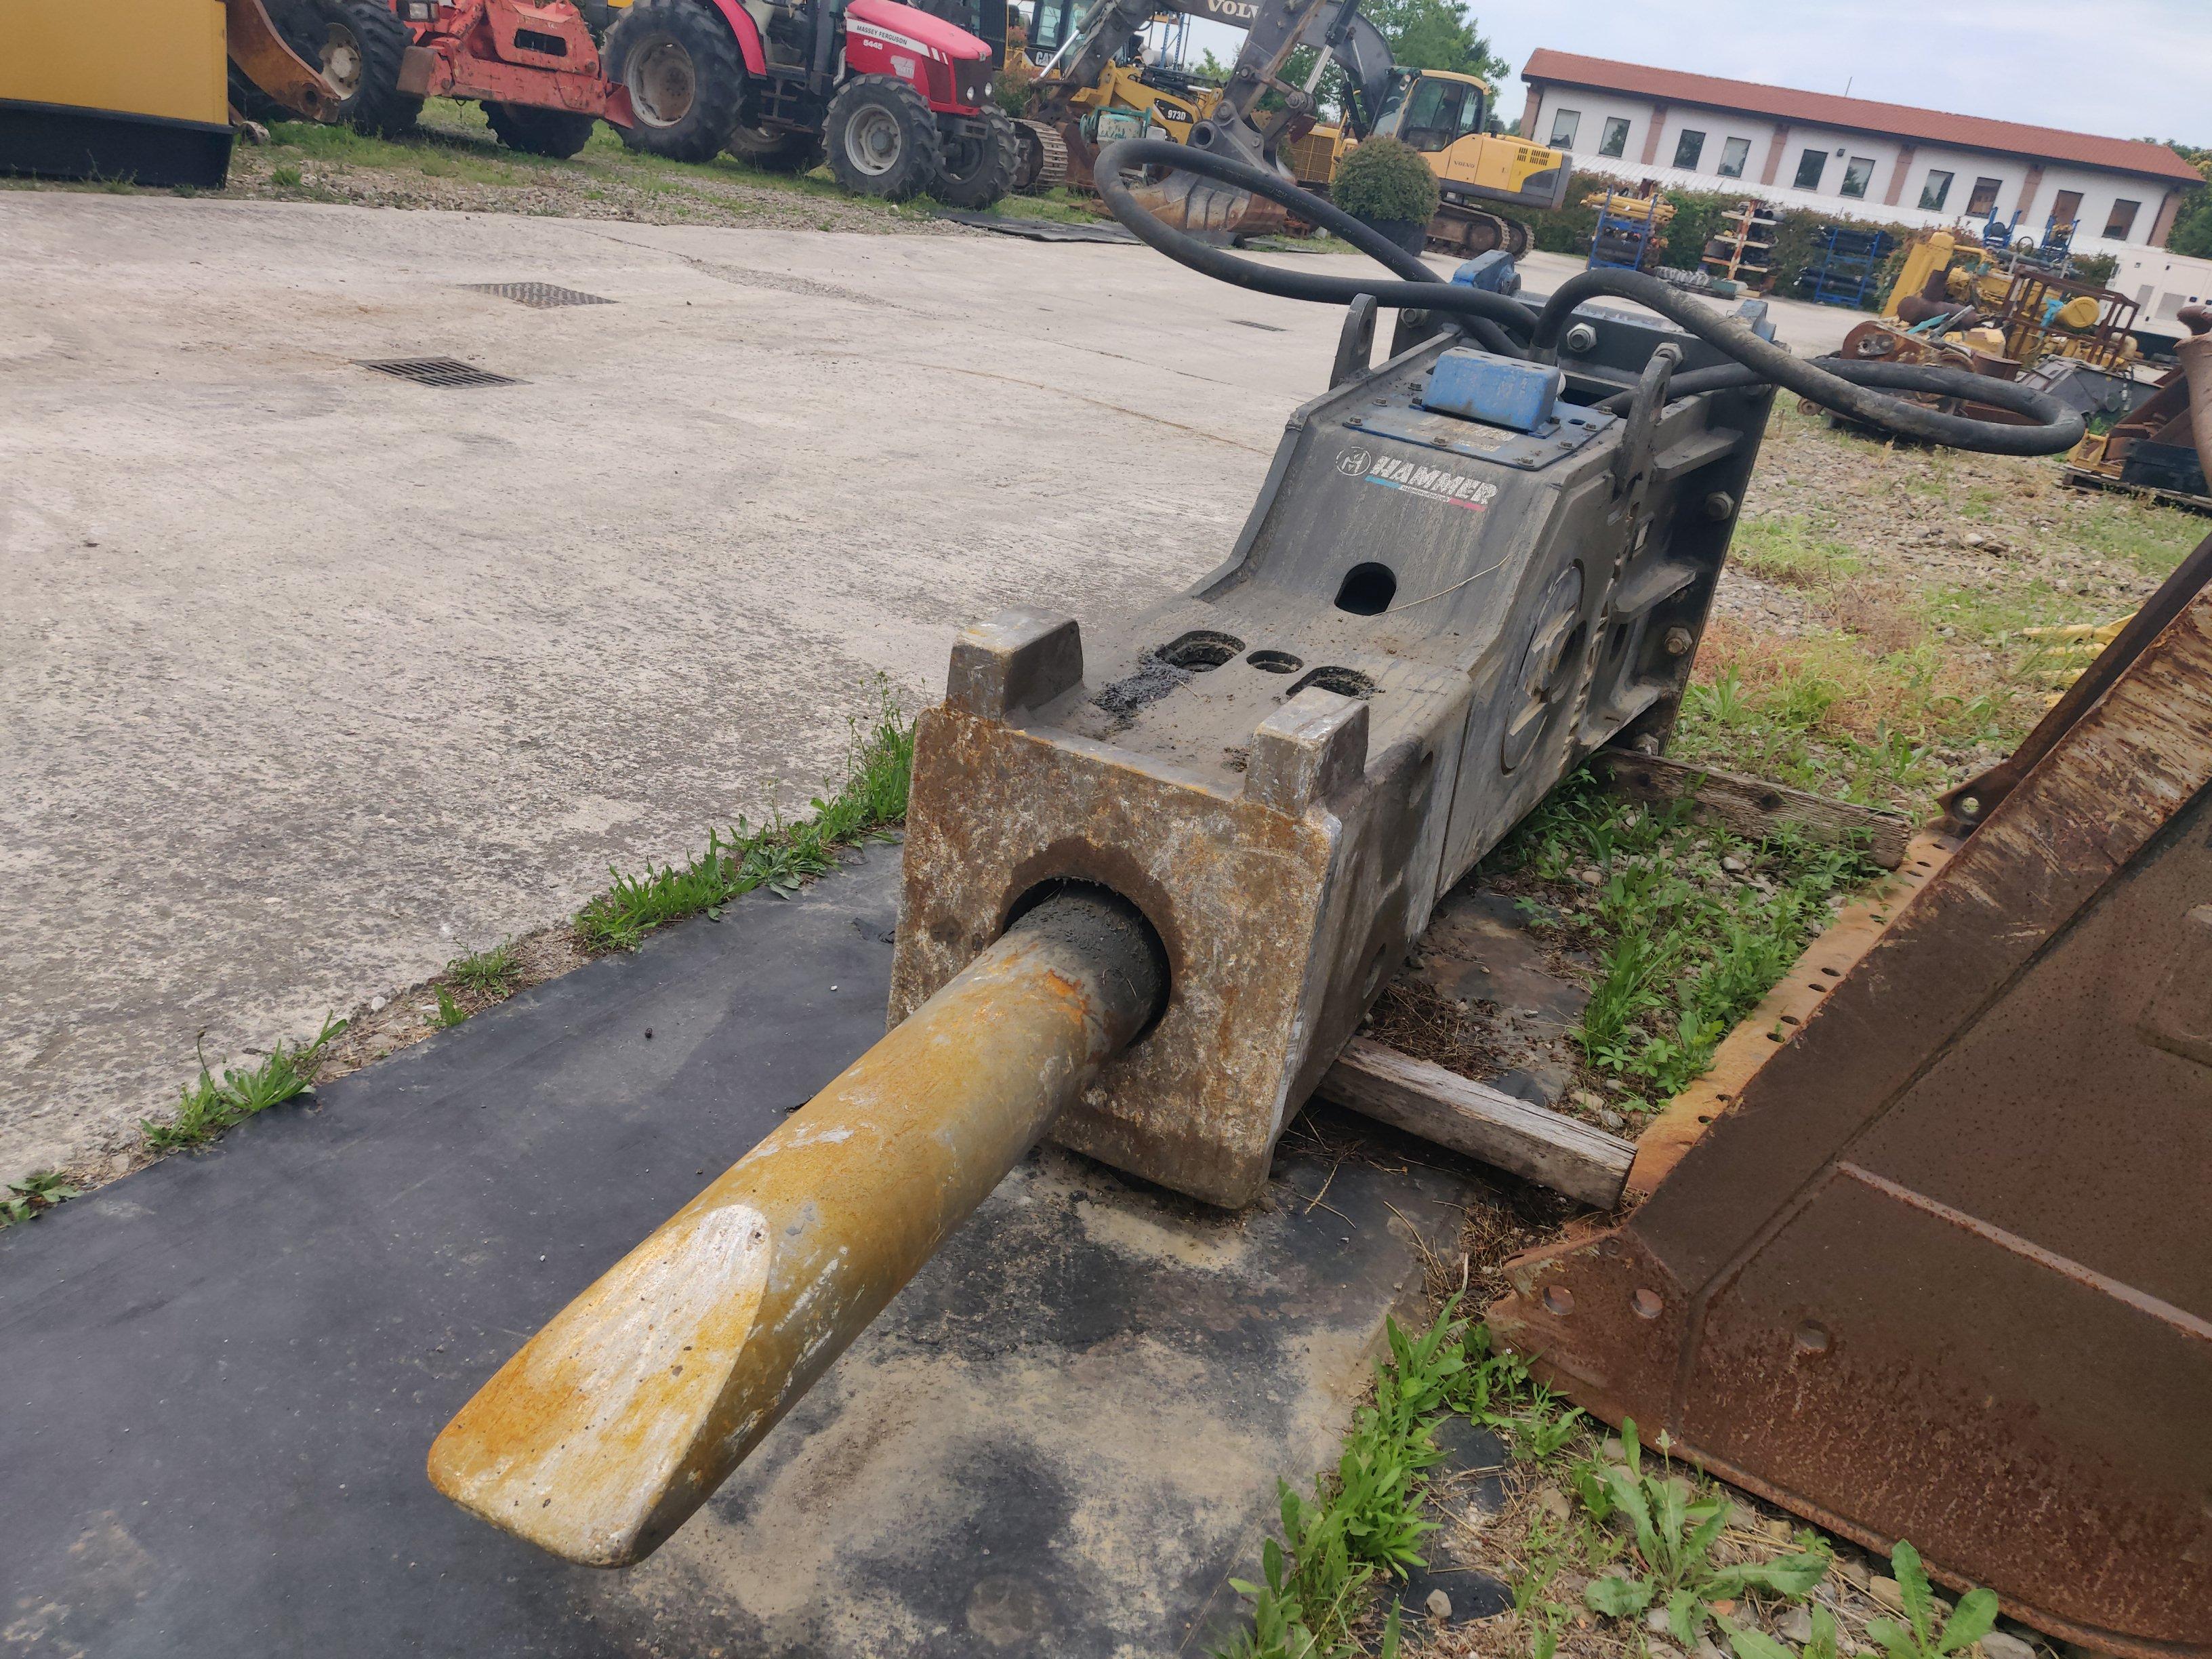 Demolitore idraulico escavatori da 36 - 55 Ton